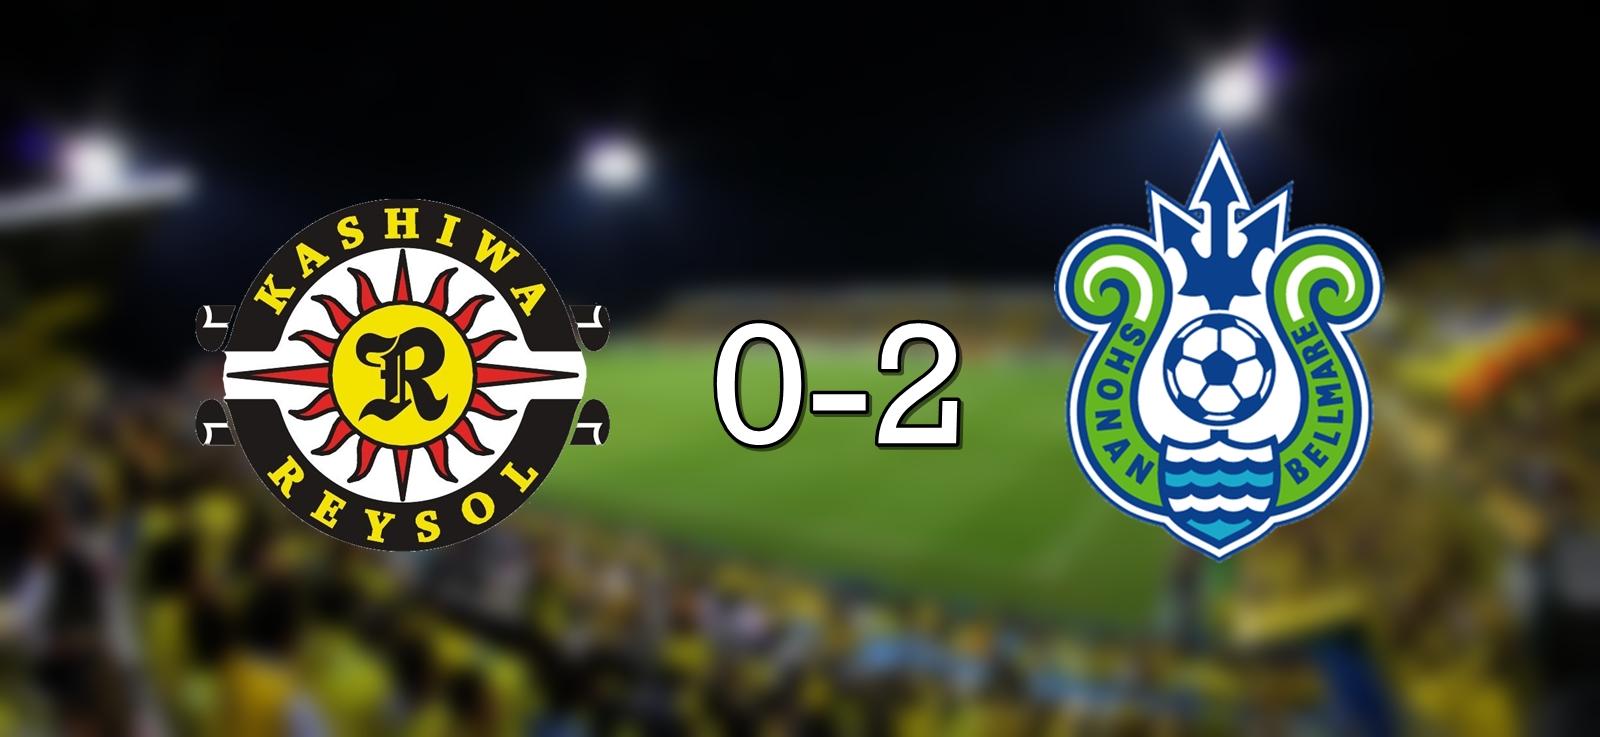 Reysol 0-2 Shonan